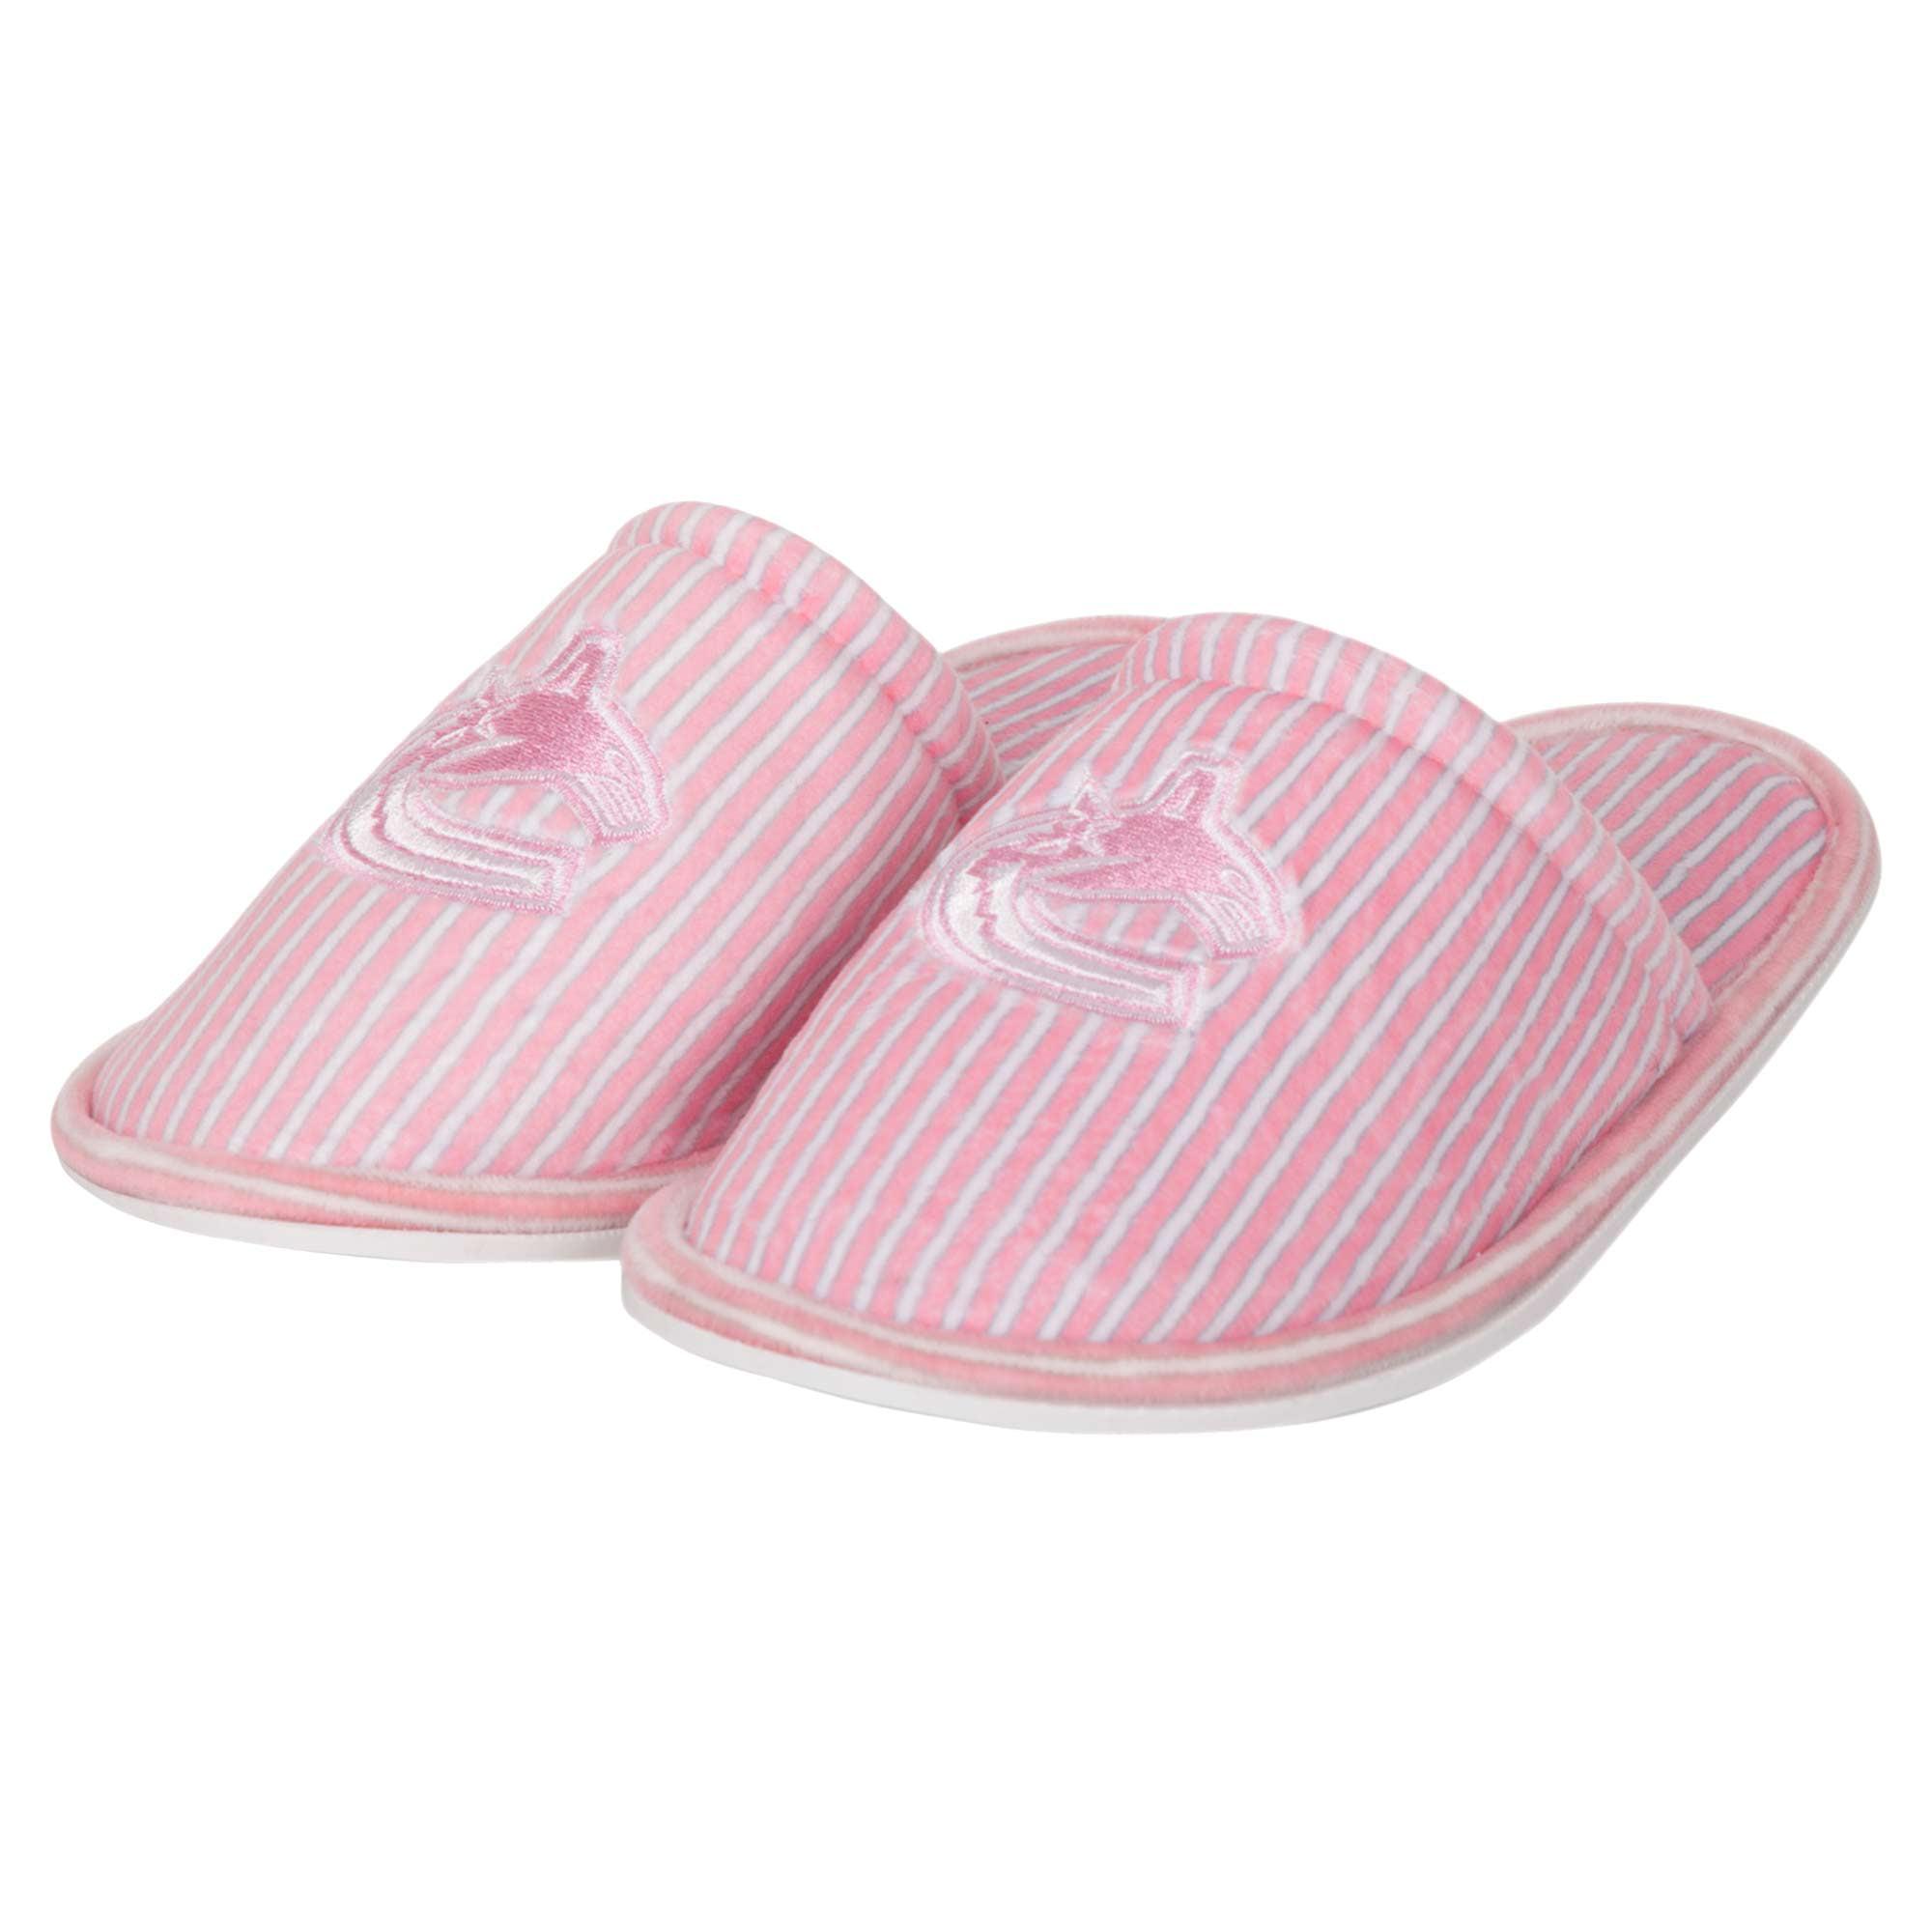 Vancouver Canucks Women's Slide Slipper - Pink